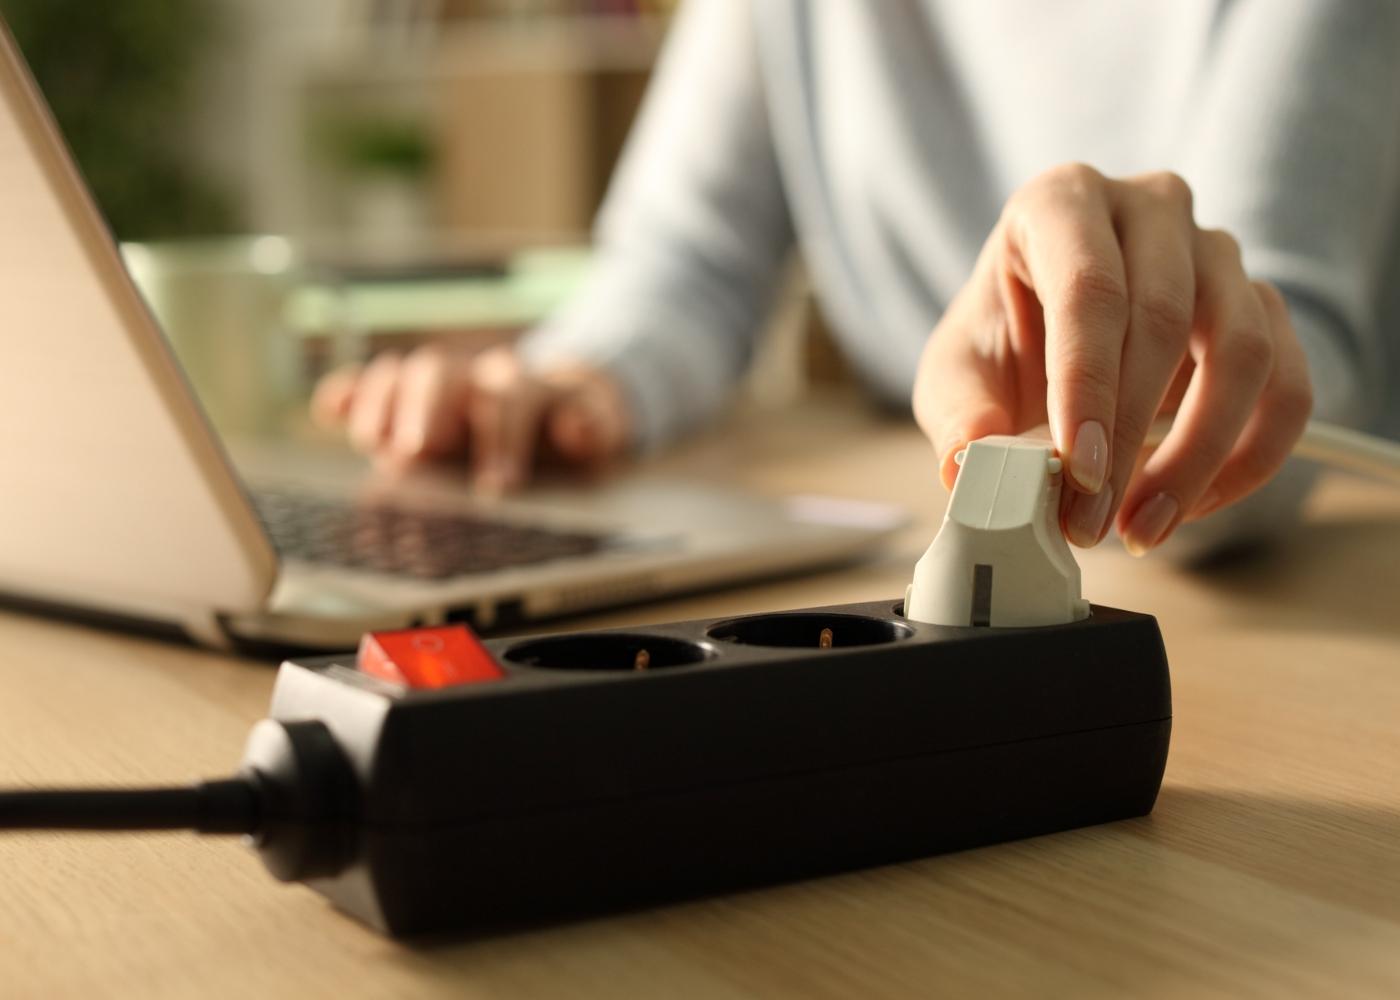 Mulher a ligar bateria de computador a tomada elétrica